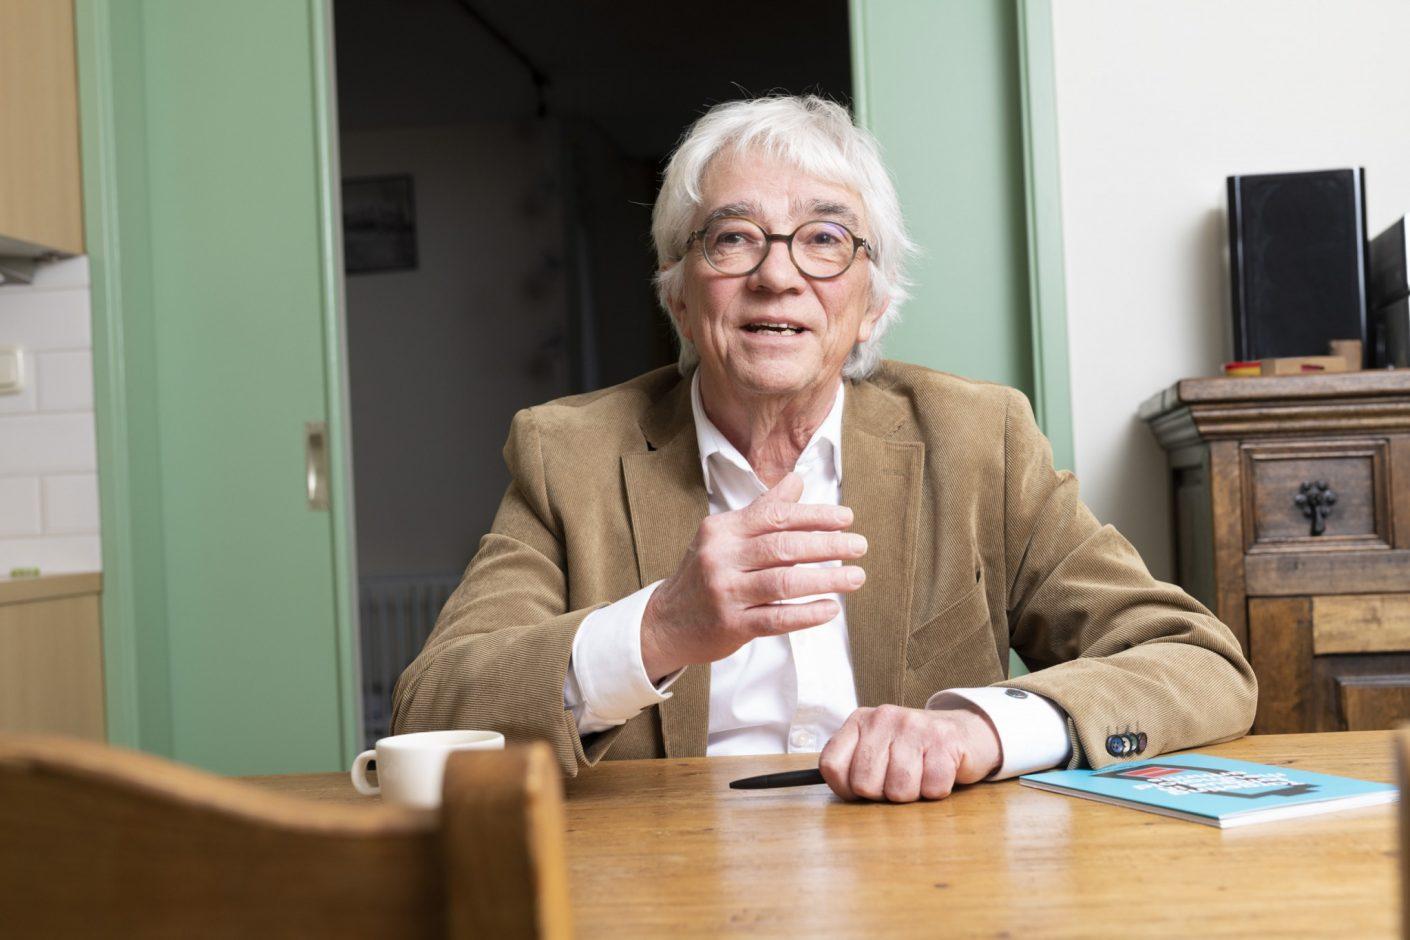 Professor Geenen